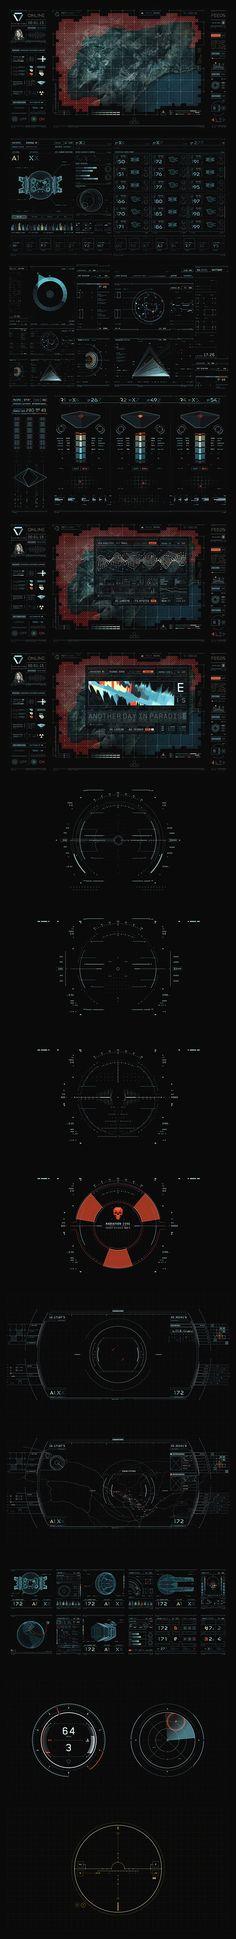 Categoria: 2 / Tags: gui, interface, movie, design / Descrição: Todos os elementos presentes na interface do filme Oblivion.: